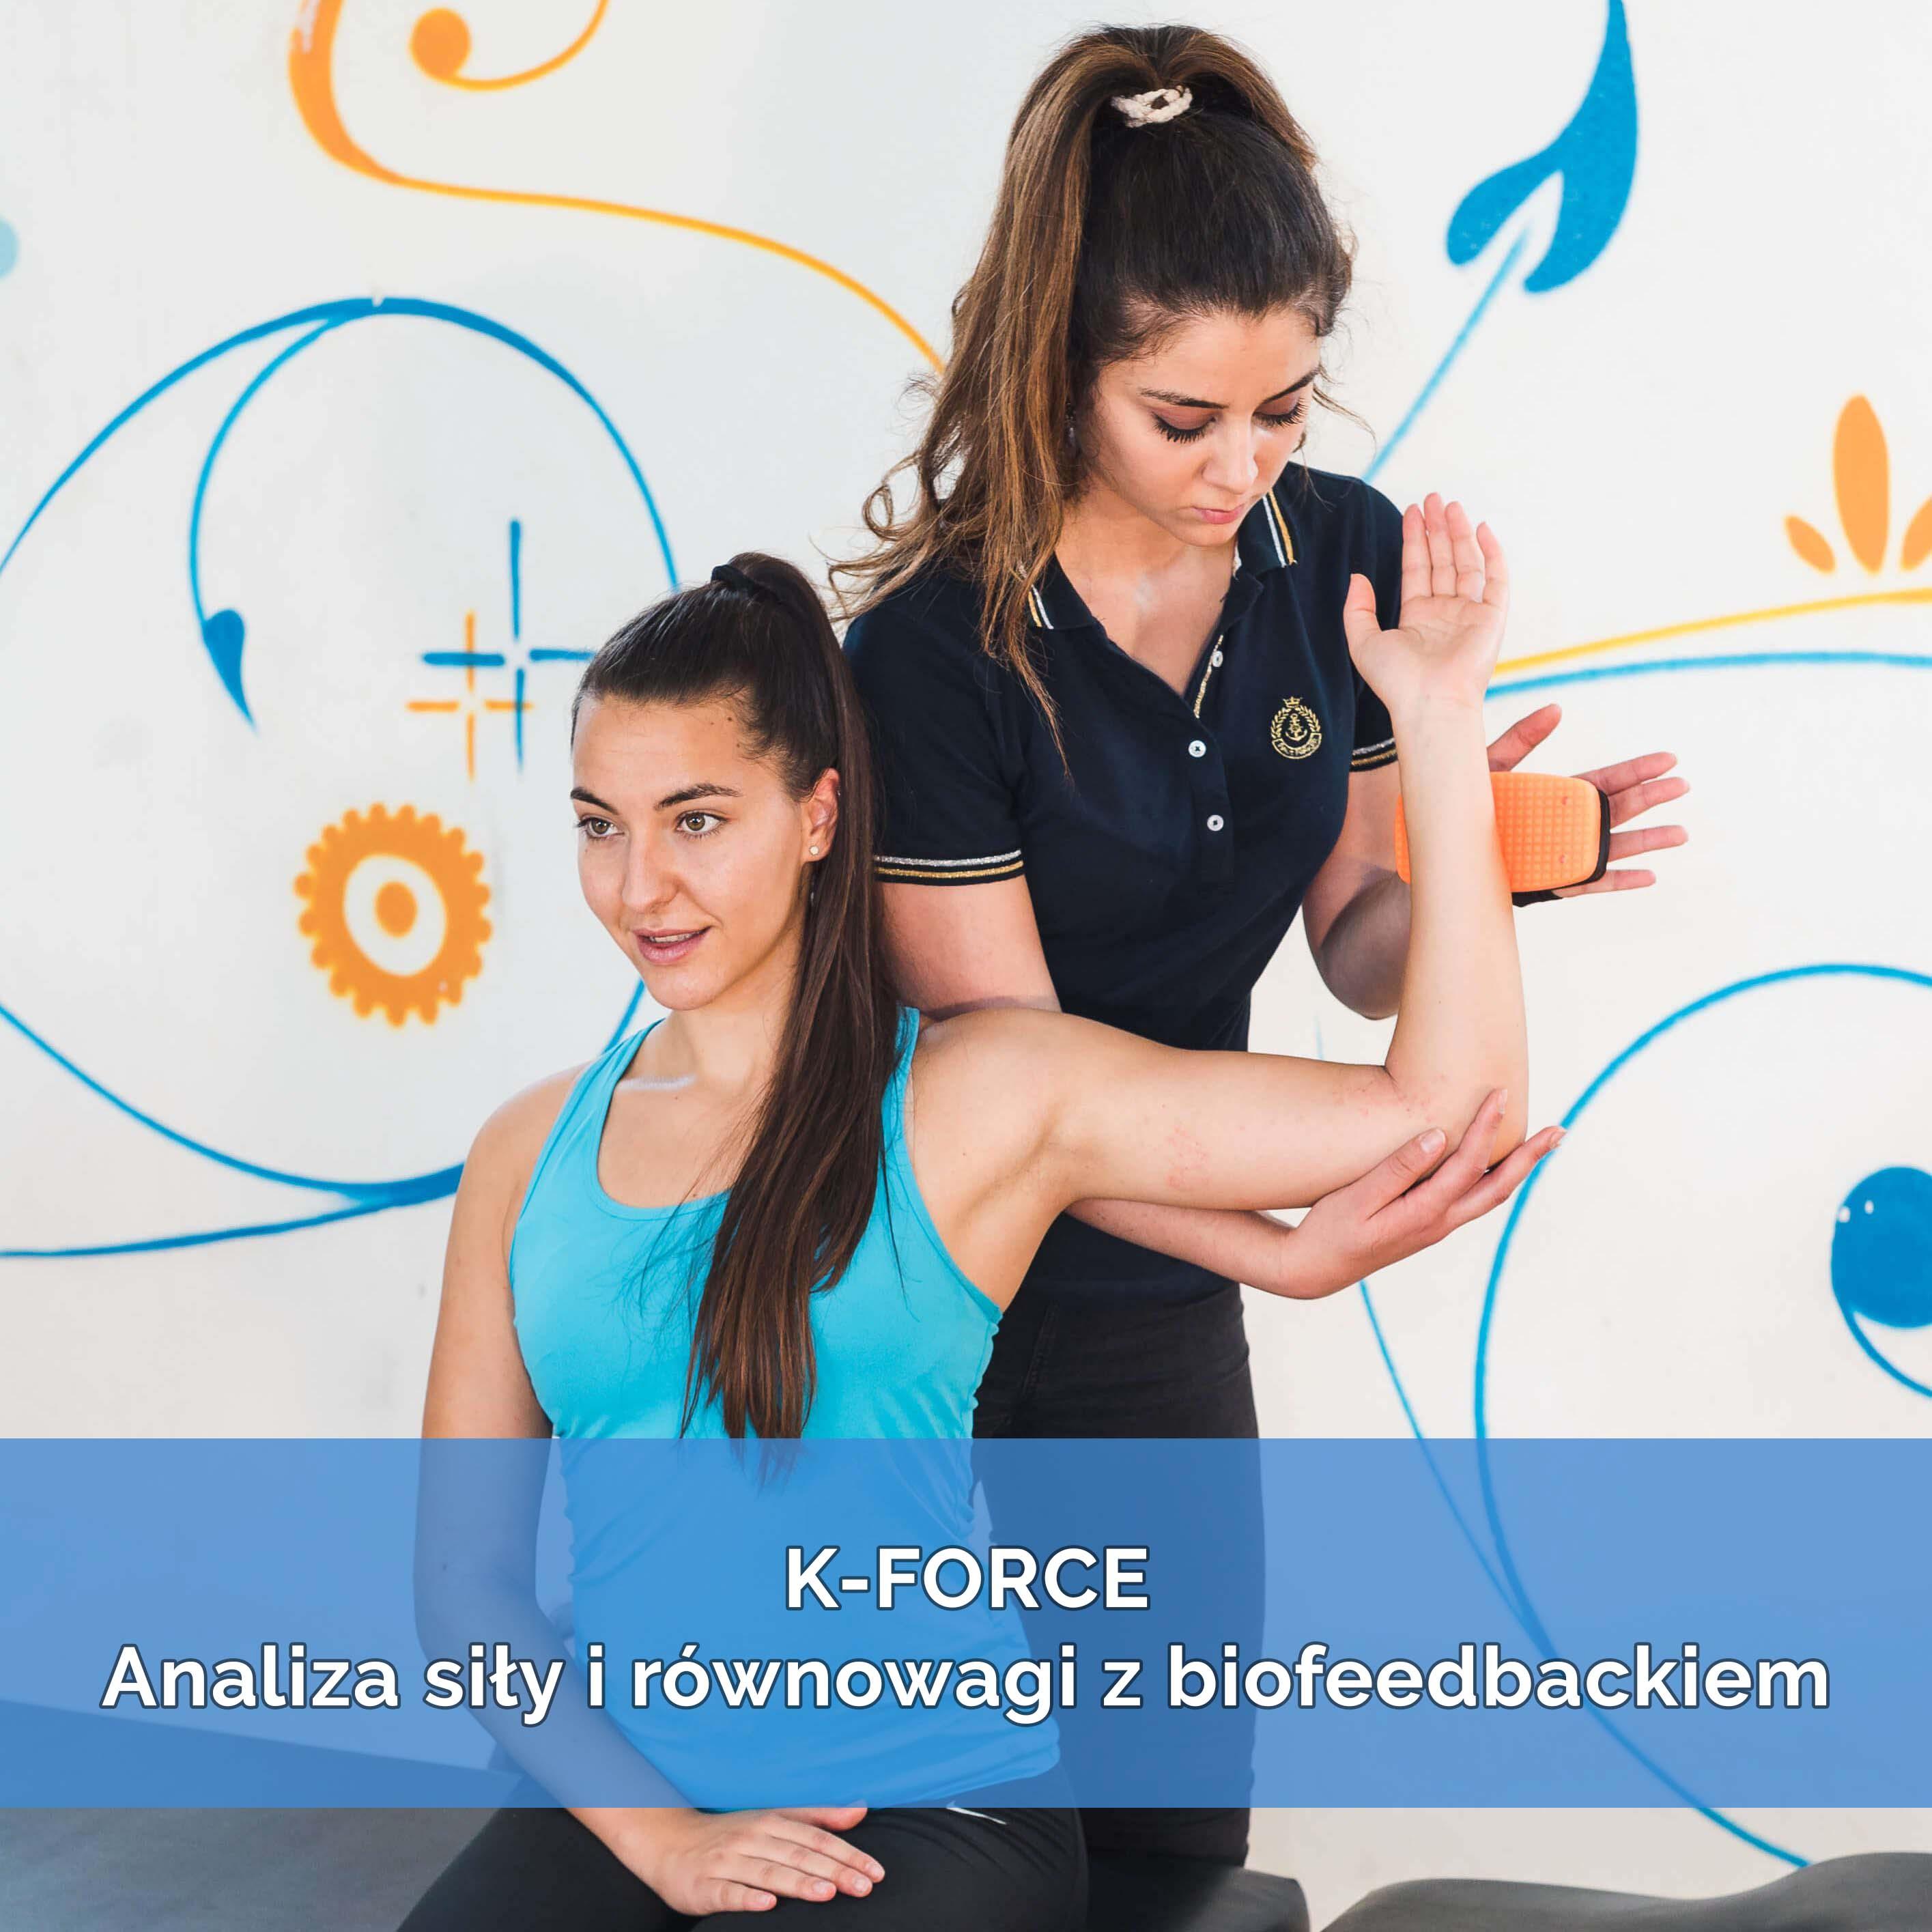 K-FORCE Analiza siły i równowagi z biofeedbackiem